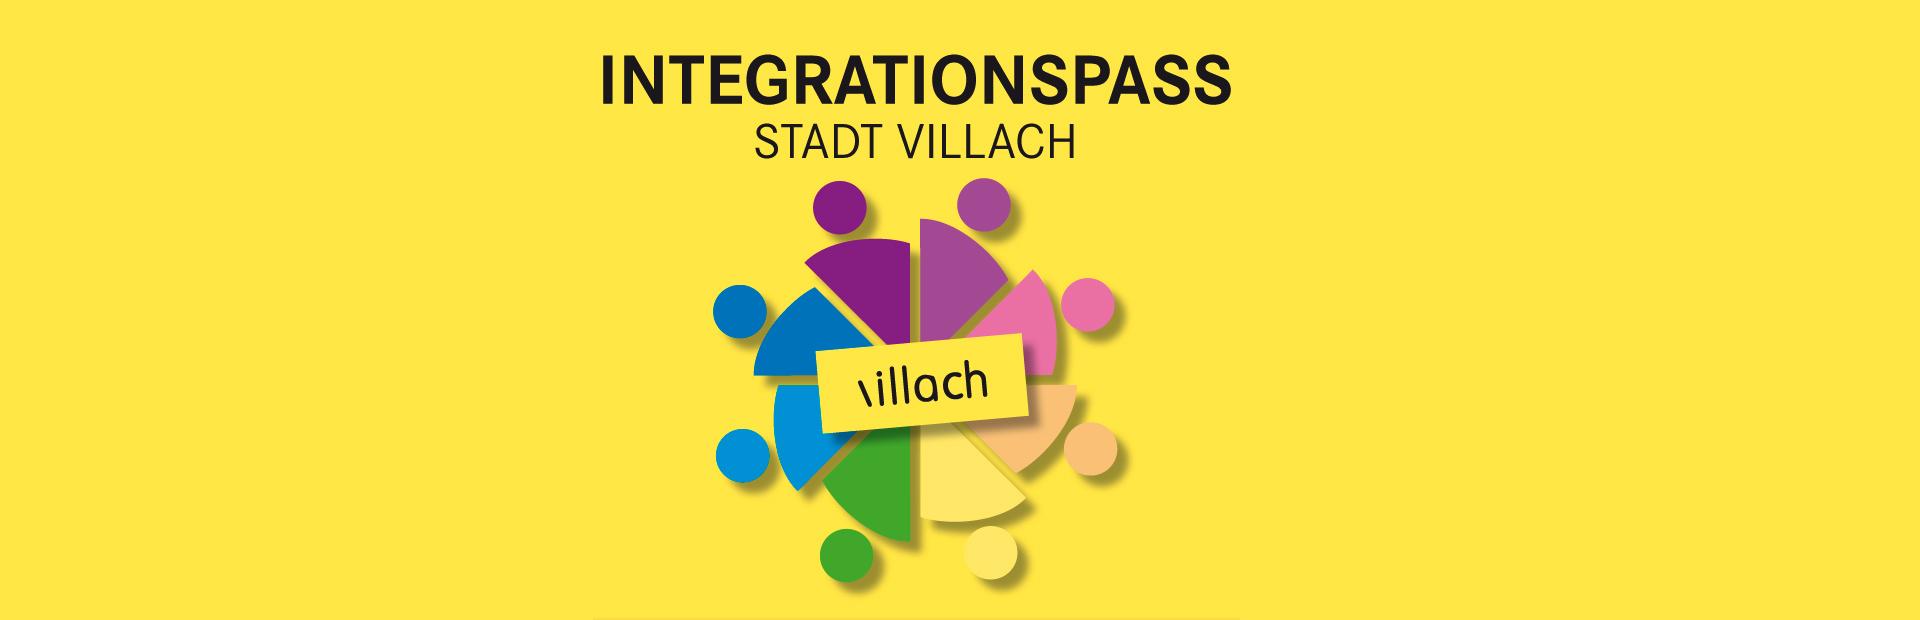 integrationspass stadt villach